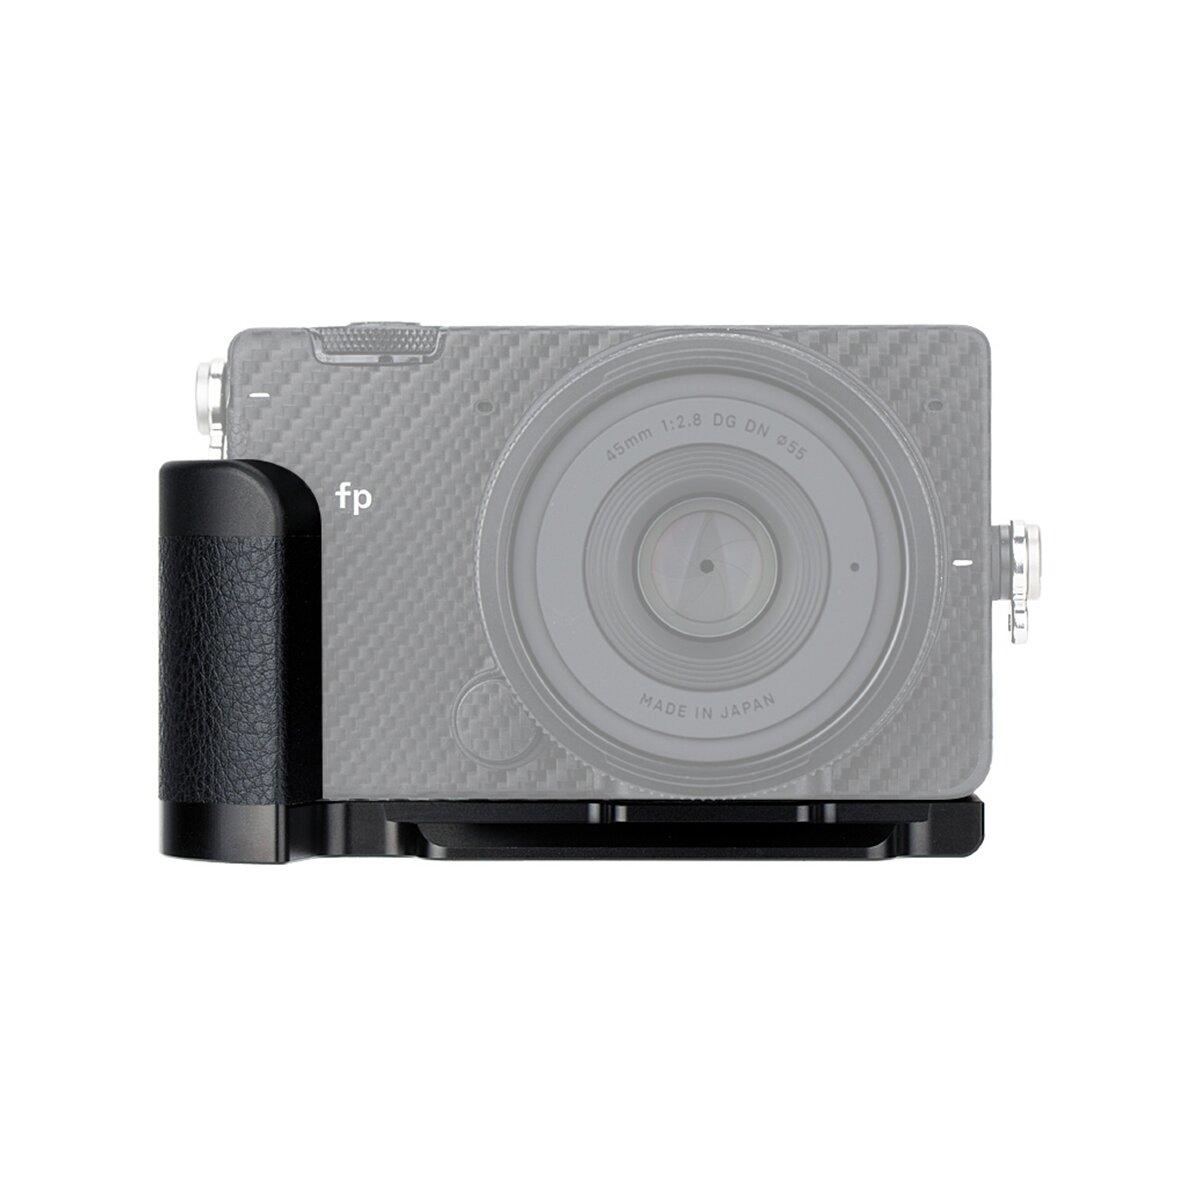 JJC HG-FP Metall Kamera Handgriff | kompatibel für Sigma FP | Hochwertige Aluminiumlegierung | Mikrofaserleder | Arca Swiss-Type Schnellwechselplatten-Design | Ersatz für Sigma HG-21